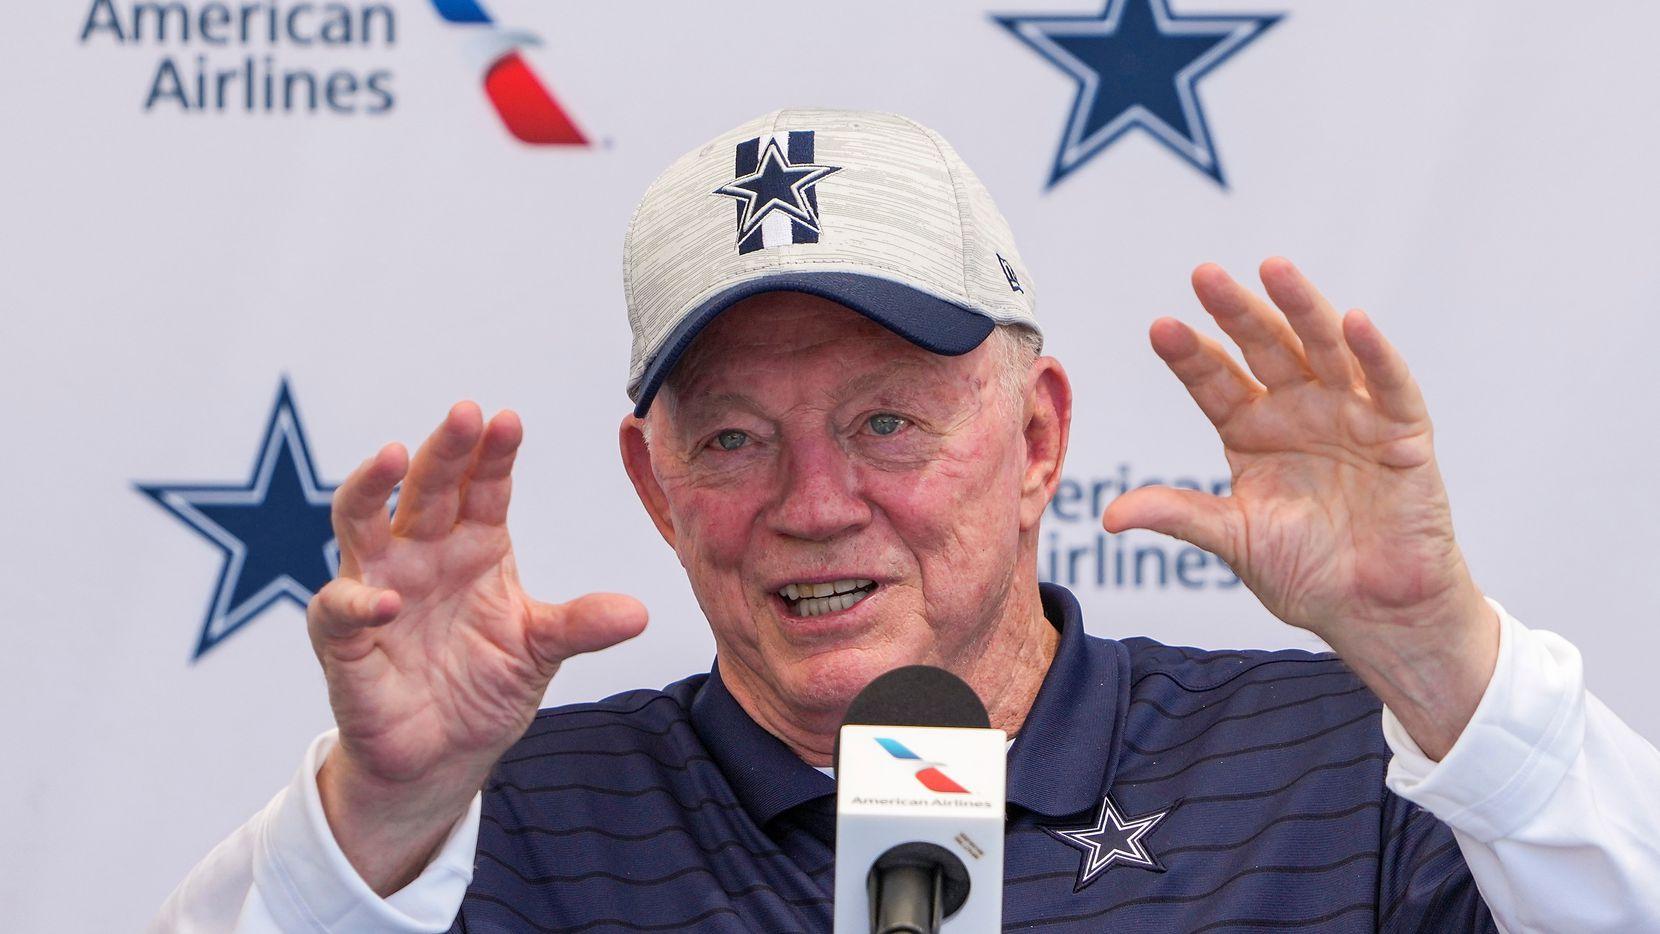 El propietario y gerente general de los Dallas Cowboys, Jerry Jones,  en la conferencia de prensa de apertura del campo de entrenamiento del equipo ,el miércoles 21 de julio de 2021 en Oxnard, California (Smiley N. Pool / The Dallas Morning News).